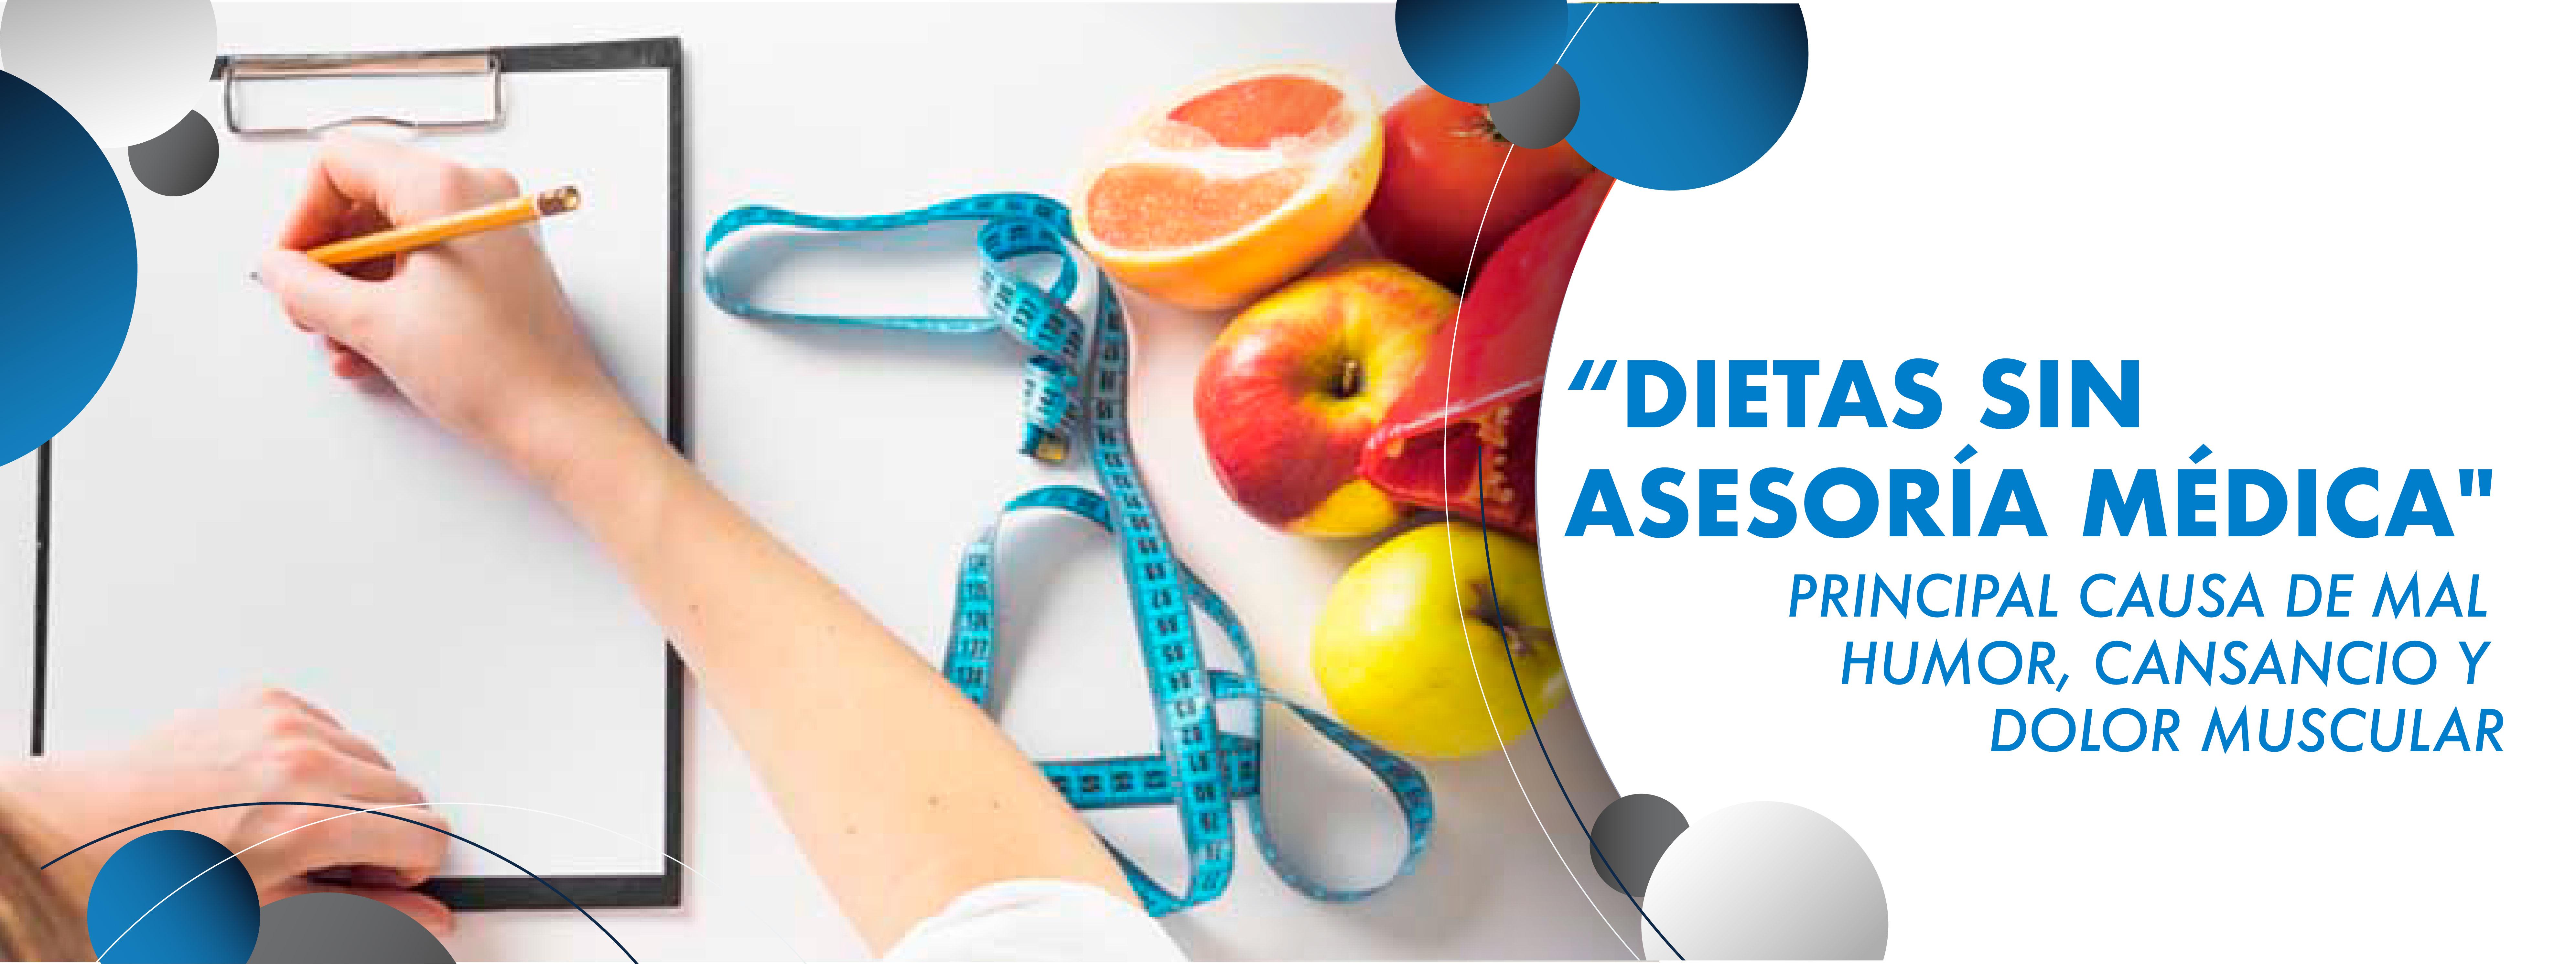 Dietas sin asesoría PC